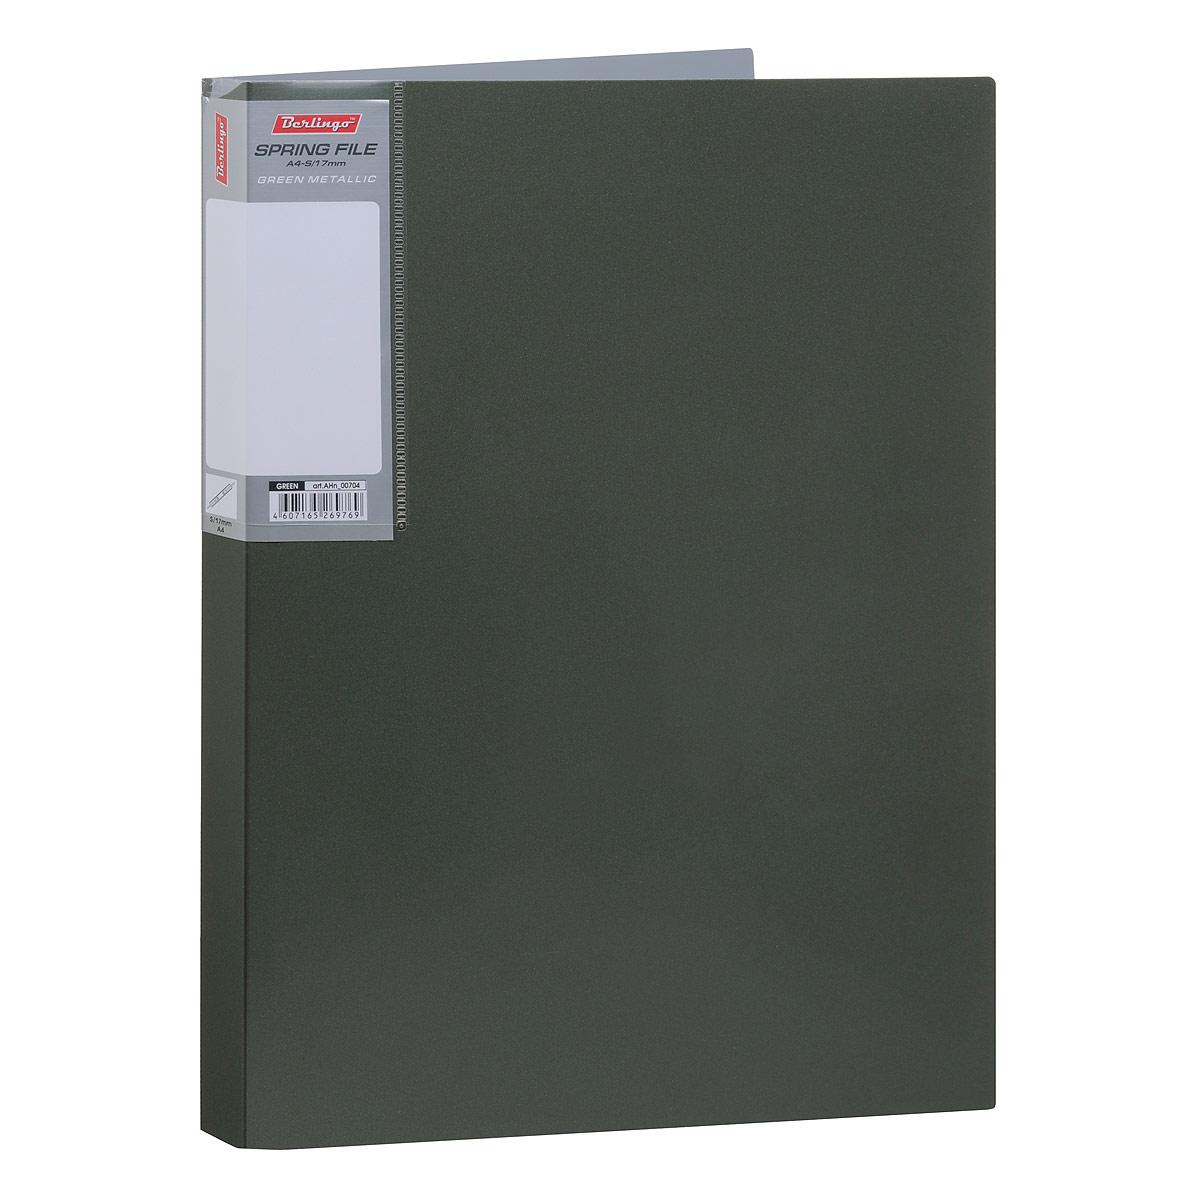 Папка-скоросшиватель Berlingo Metallic, цвет: темно-зеленый. Формат А4AHn_00704Папка-скоросшиватель Berlingo Metallic - это удобный и практичный офисный инструмент, предназначенный для бережного хранения и транспортировки перфорированных рабочих бумаг и документов формата А4. Папка изготовлена из плотного пластика толщиной 0,8 см, оснащена металлическим пружинным скоросшивателем и внутренним прозрачным карманом, а также дополнена кармашком на корешке со съемной этикеткой для маркировки. Папка-скоросшиватель надежно сохранит ваши документы и сбережет их от повреждений, пыли и влаги.